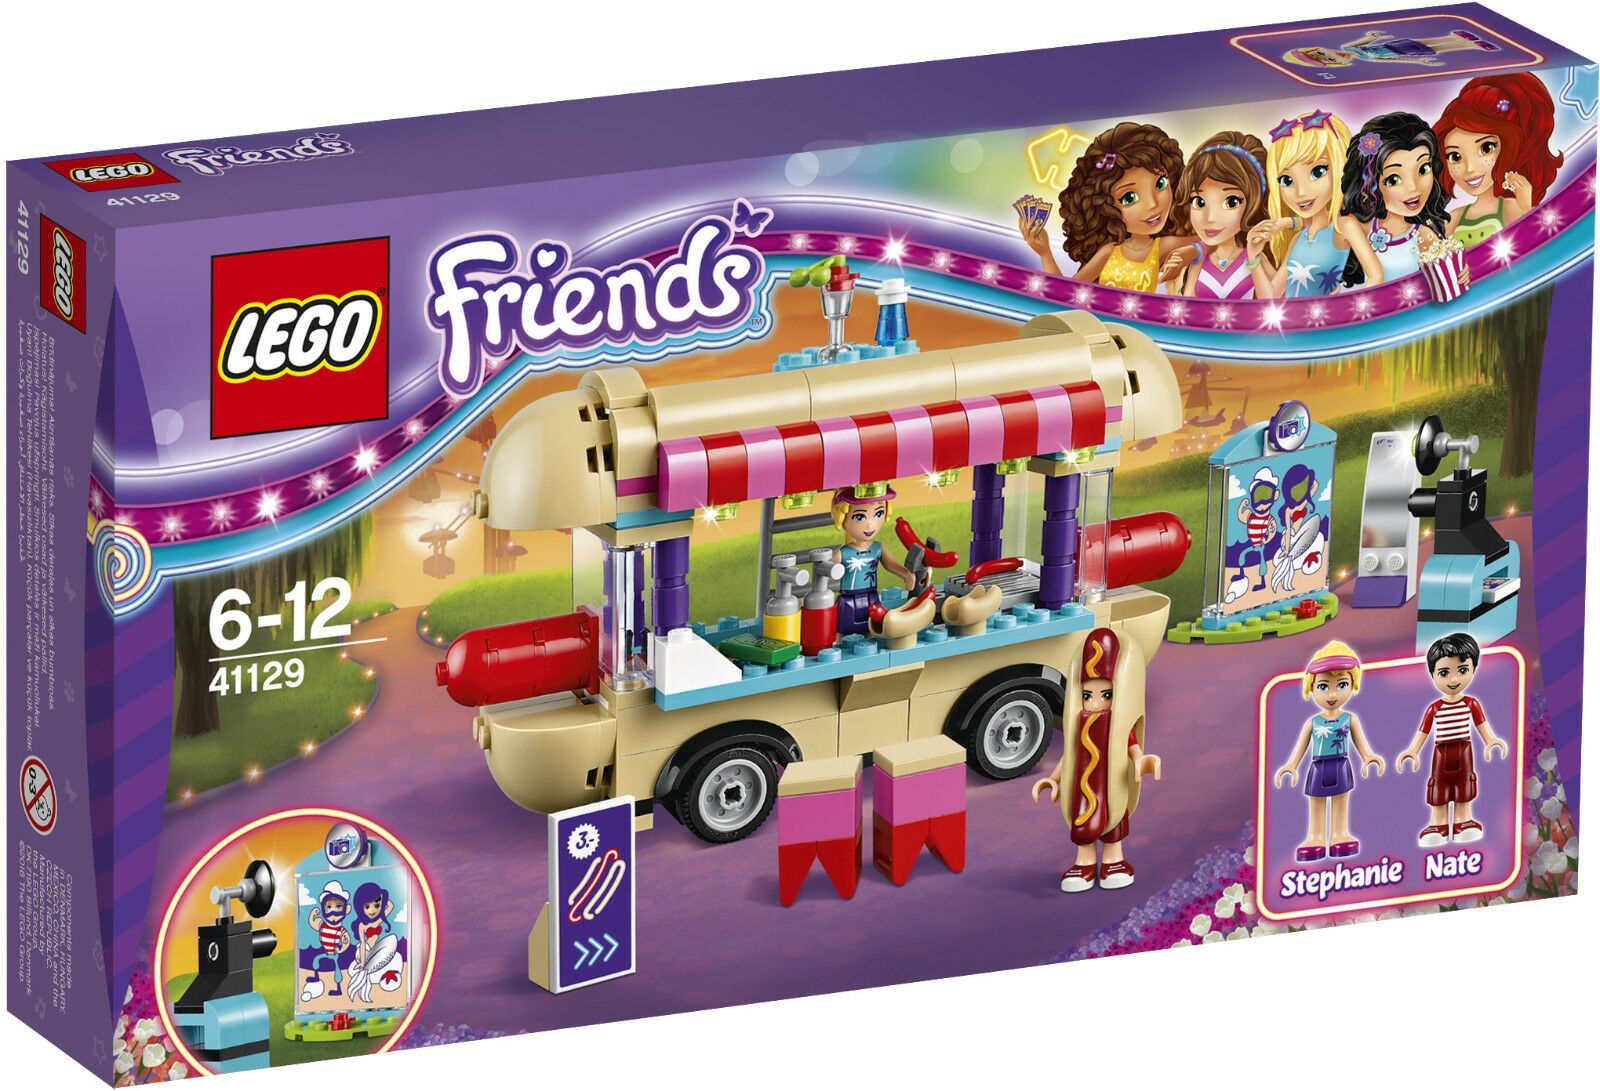 LEGO FRIENDS PARQUE DE ATRACCIONES FURGONETA DE PERRITOS CALIENTES 41129 - NUEVO